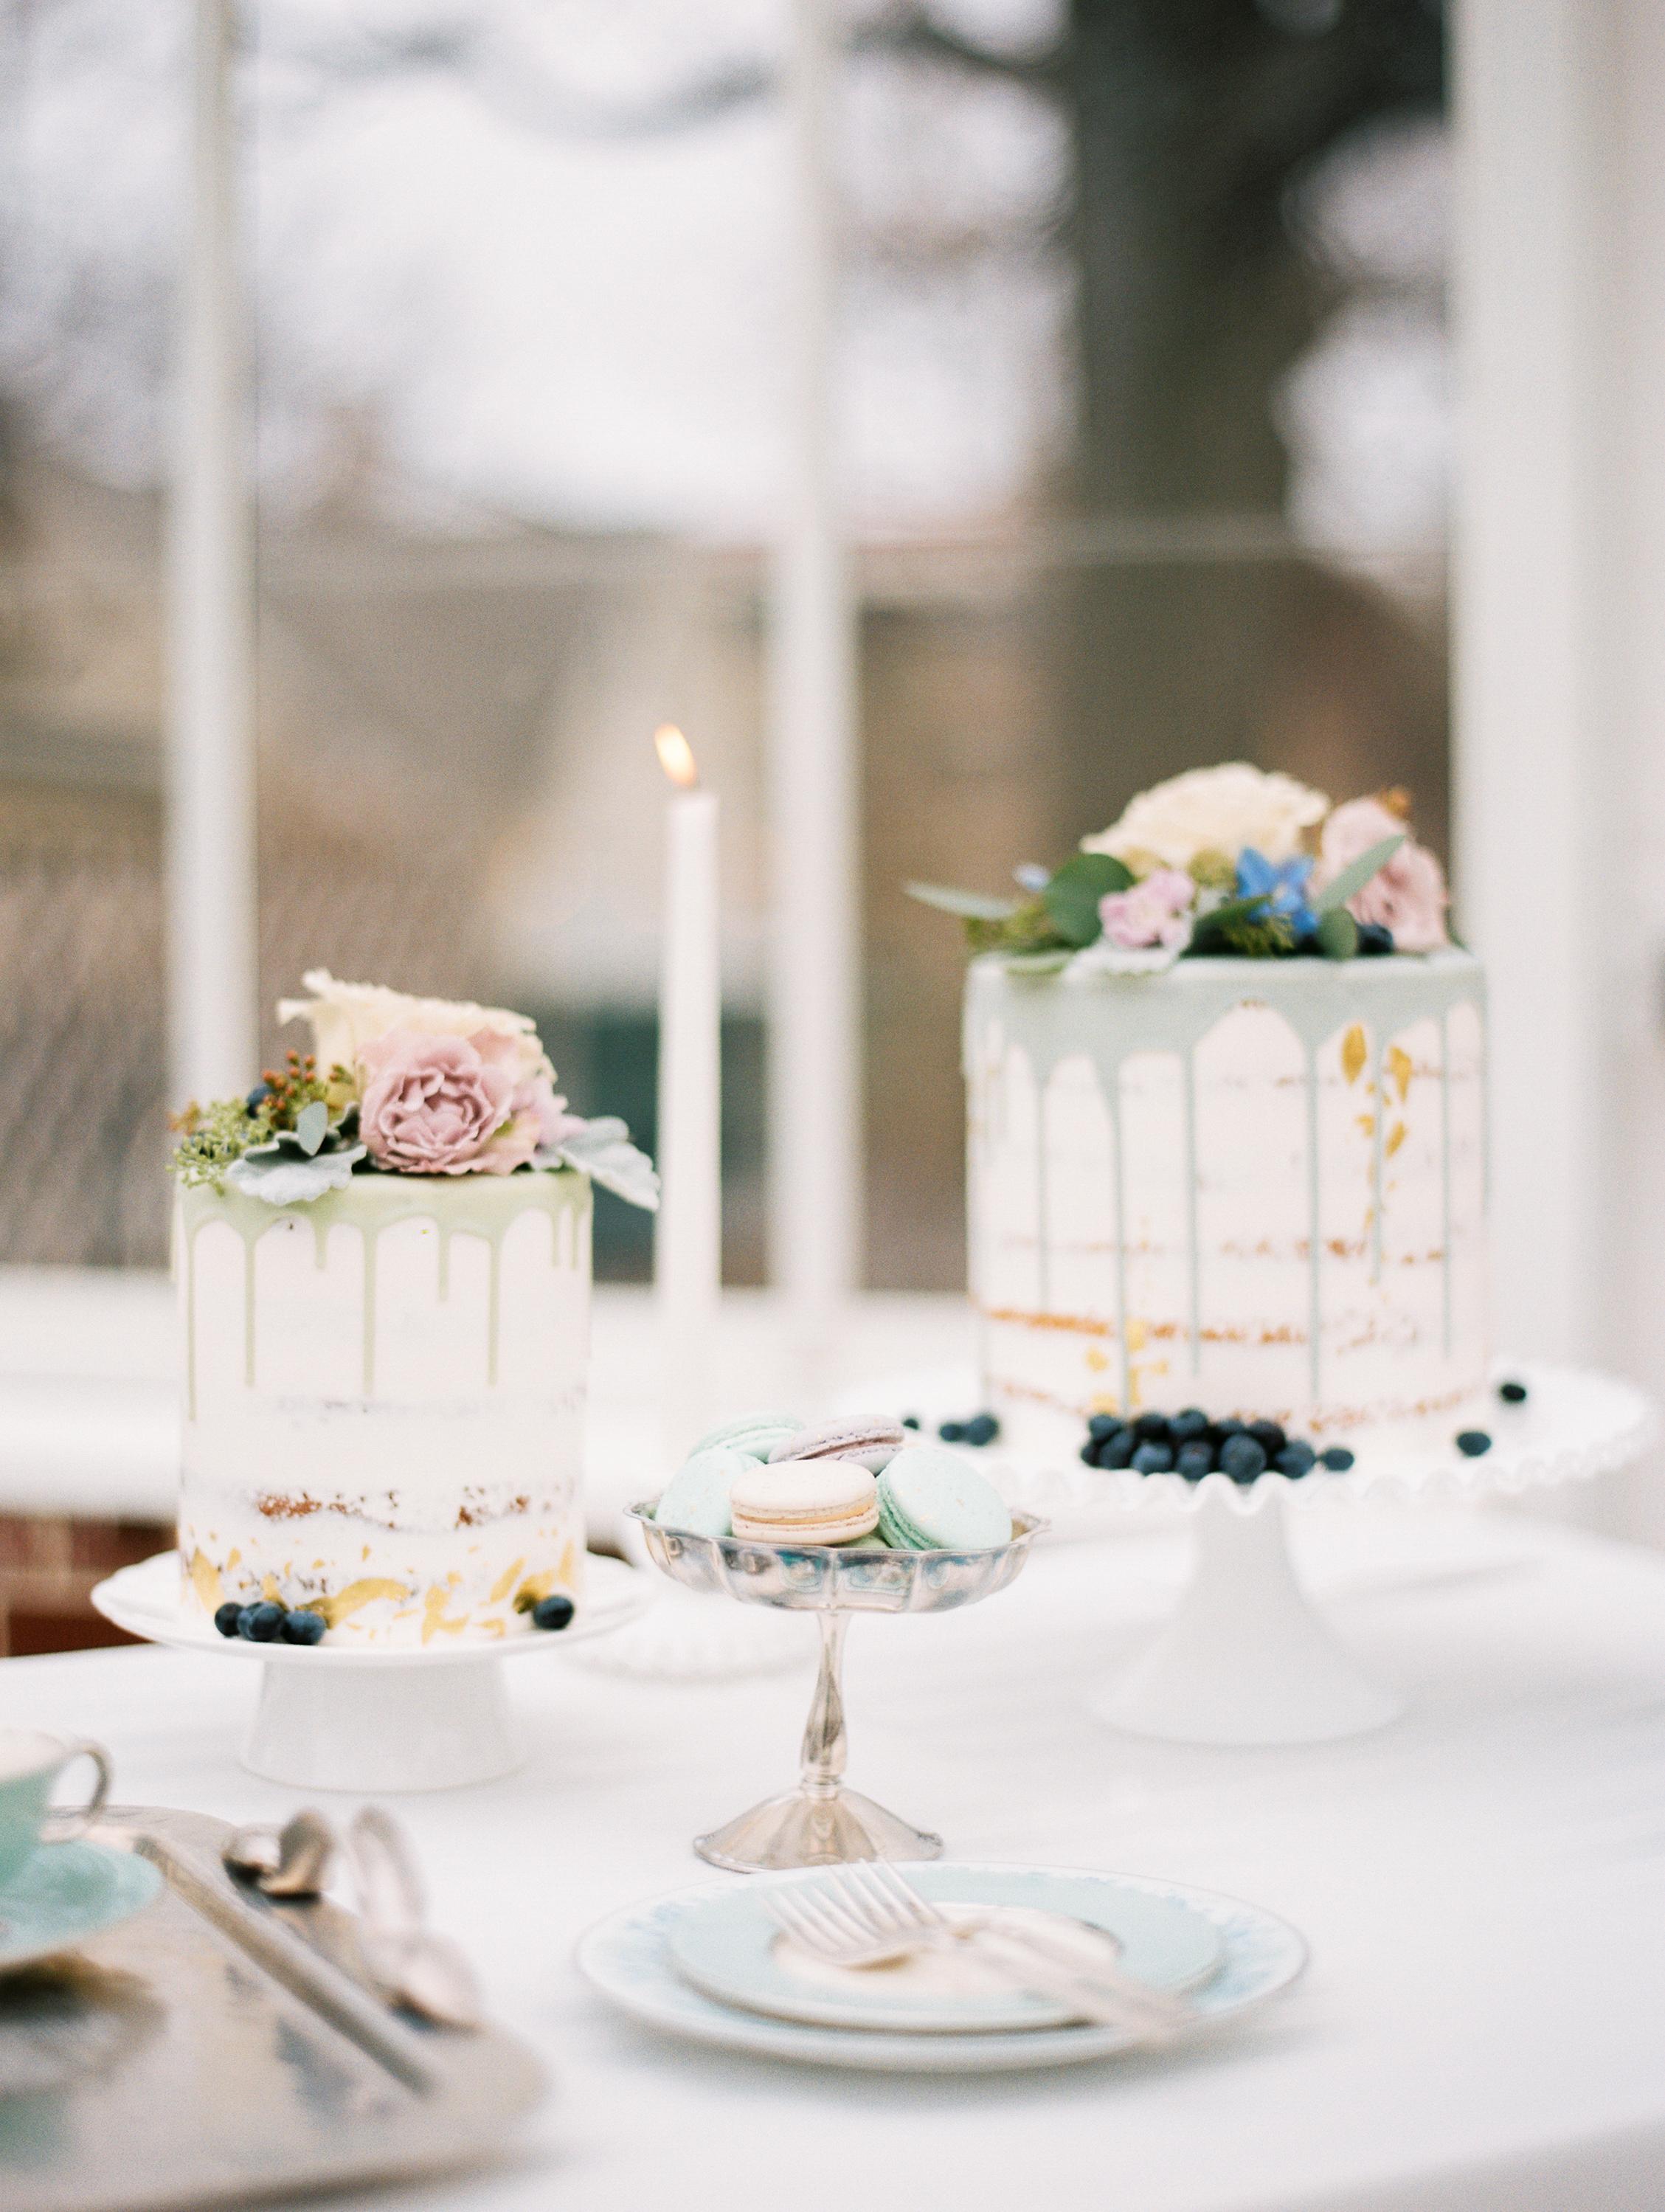 Kristin-La-Voie-Photography-Chicago-Wedding-Photographer-Cheney-Mansion-4.jpg